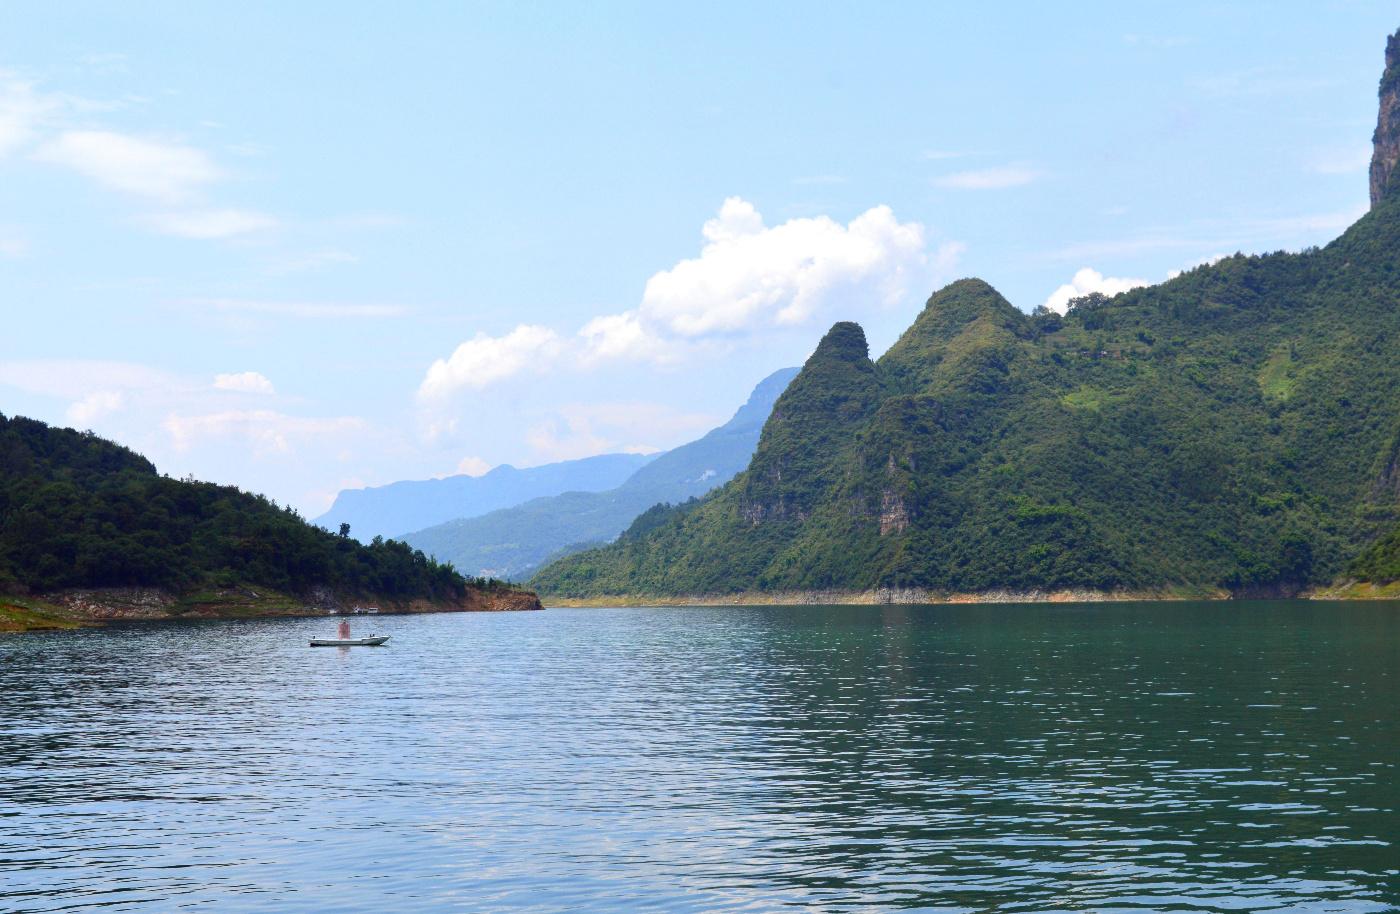 风景,如诗,如画让人陶醉,这里更像是人间仙境,最后的静地,坐船游玩于